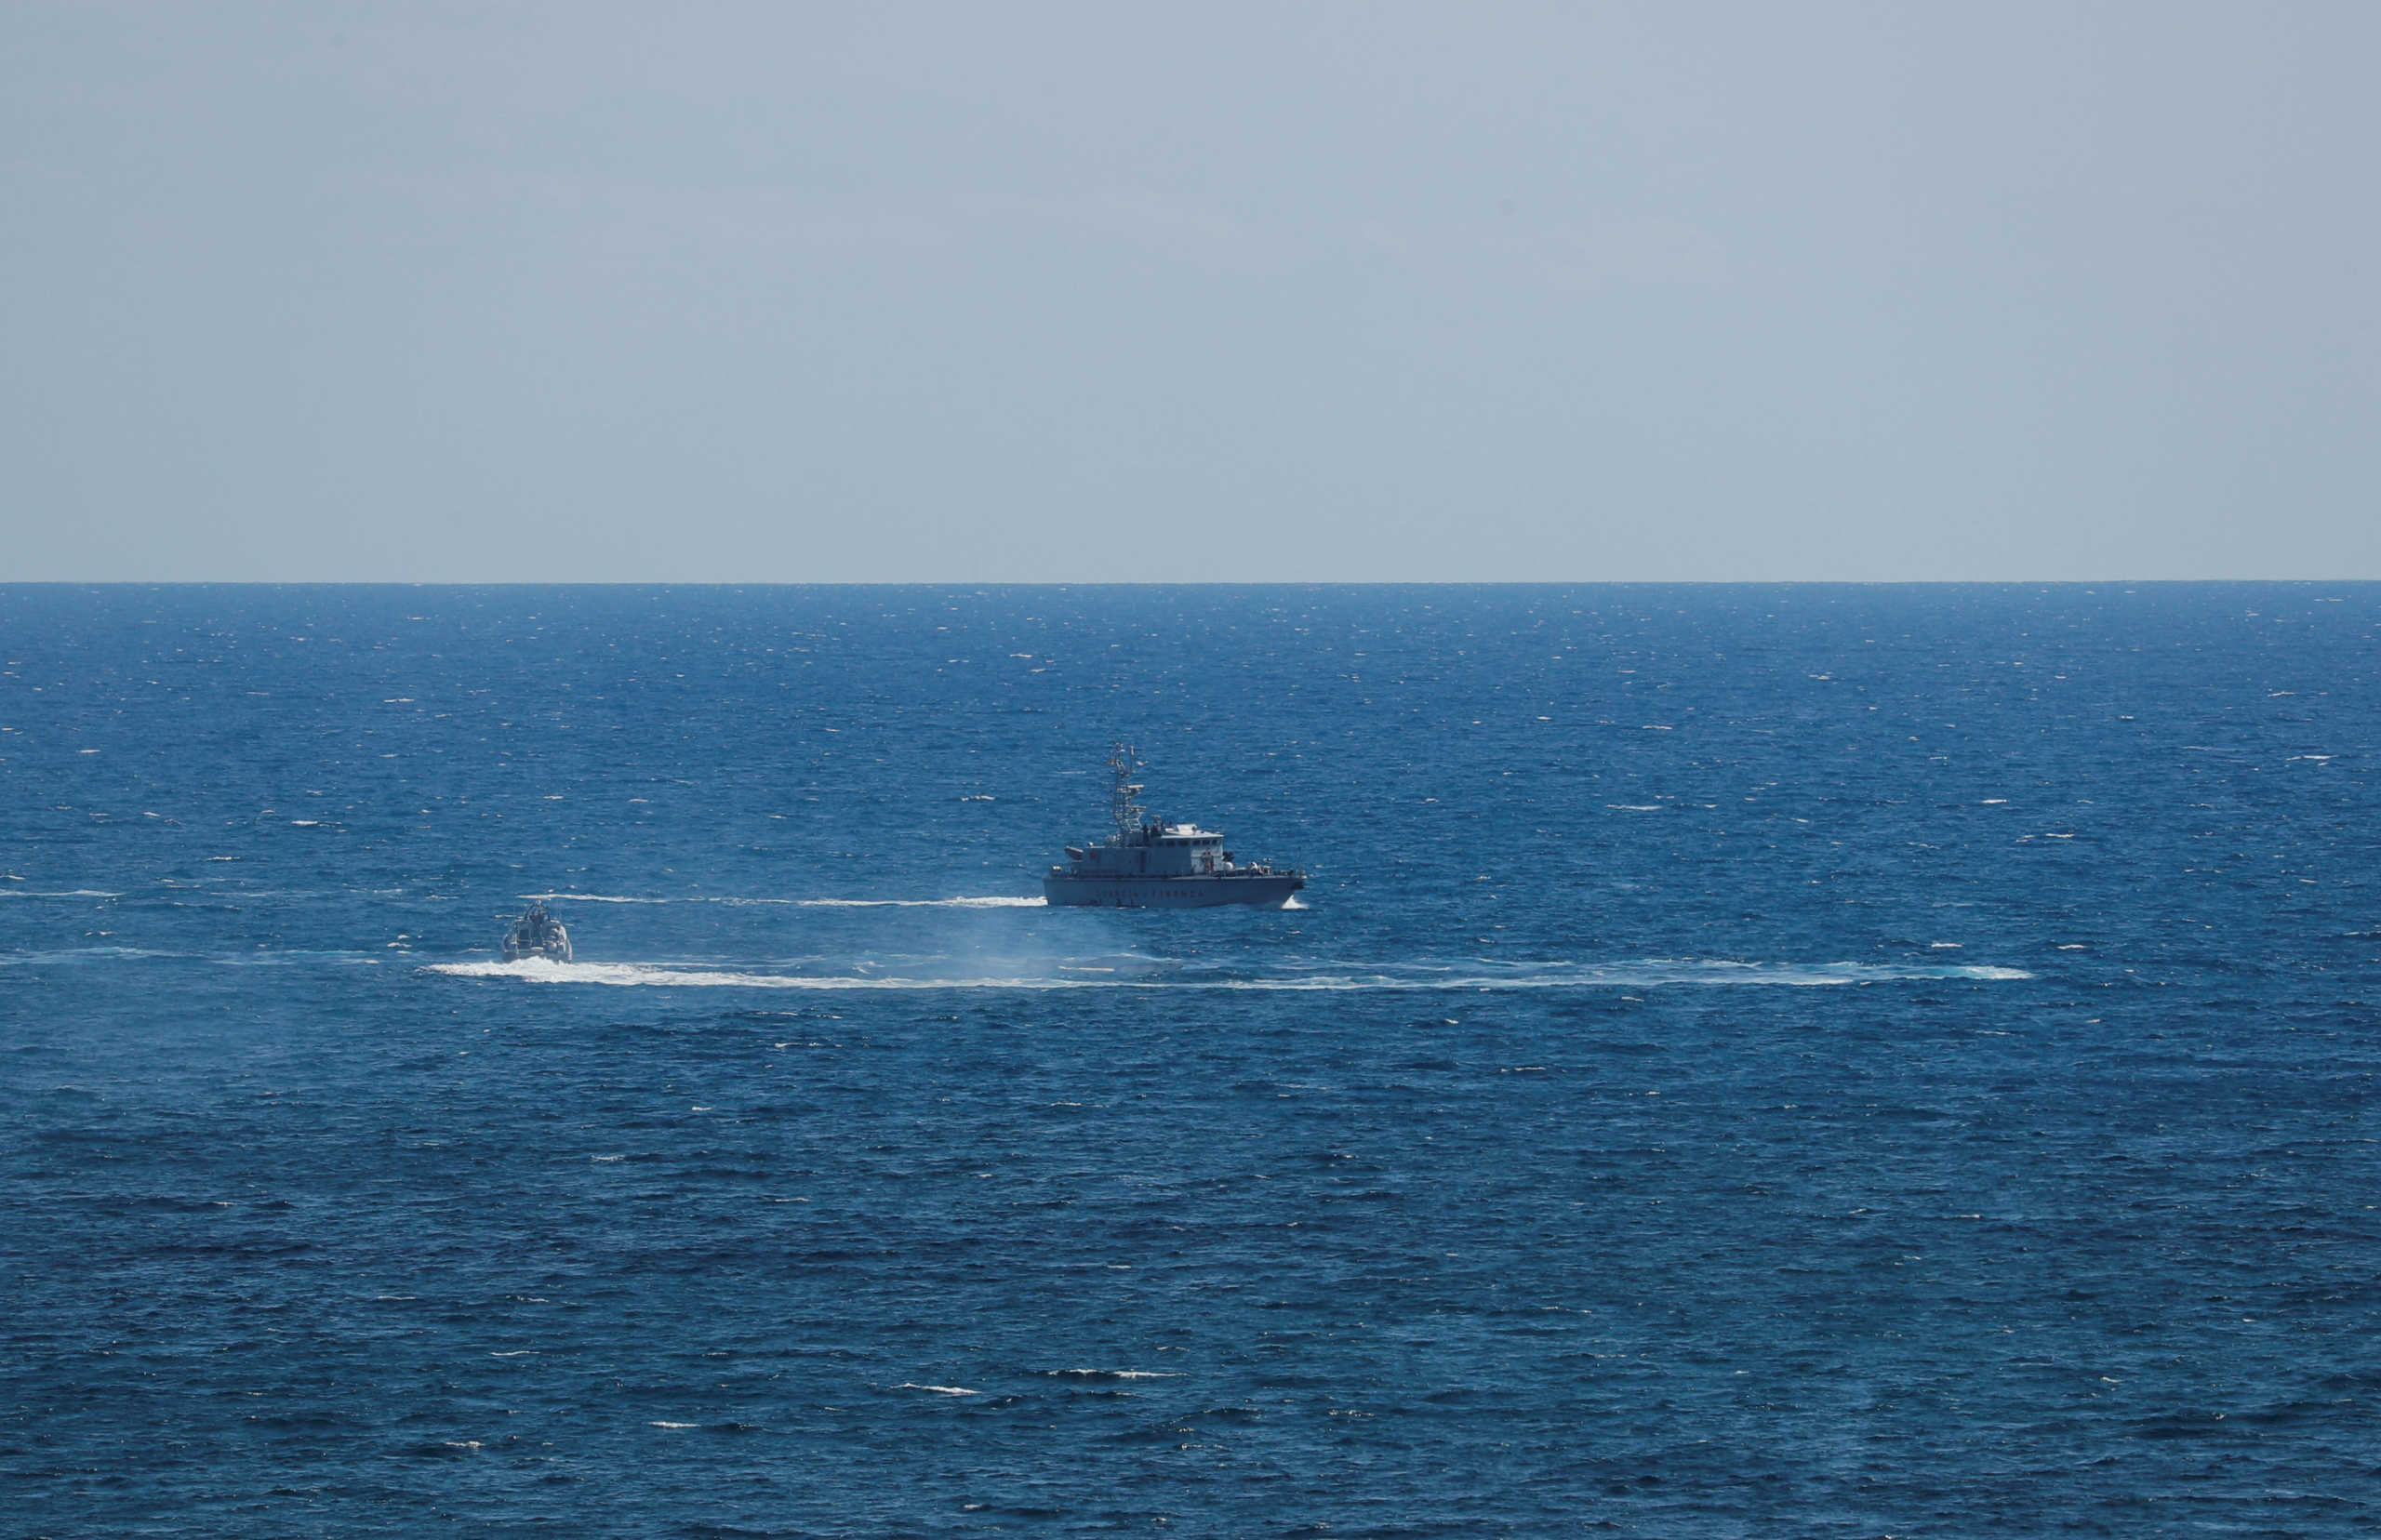 ΗΠΑ: Αγνοείται πλοίο με 20 επιβάτες κοντά στις Μπαχάμες